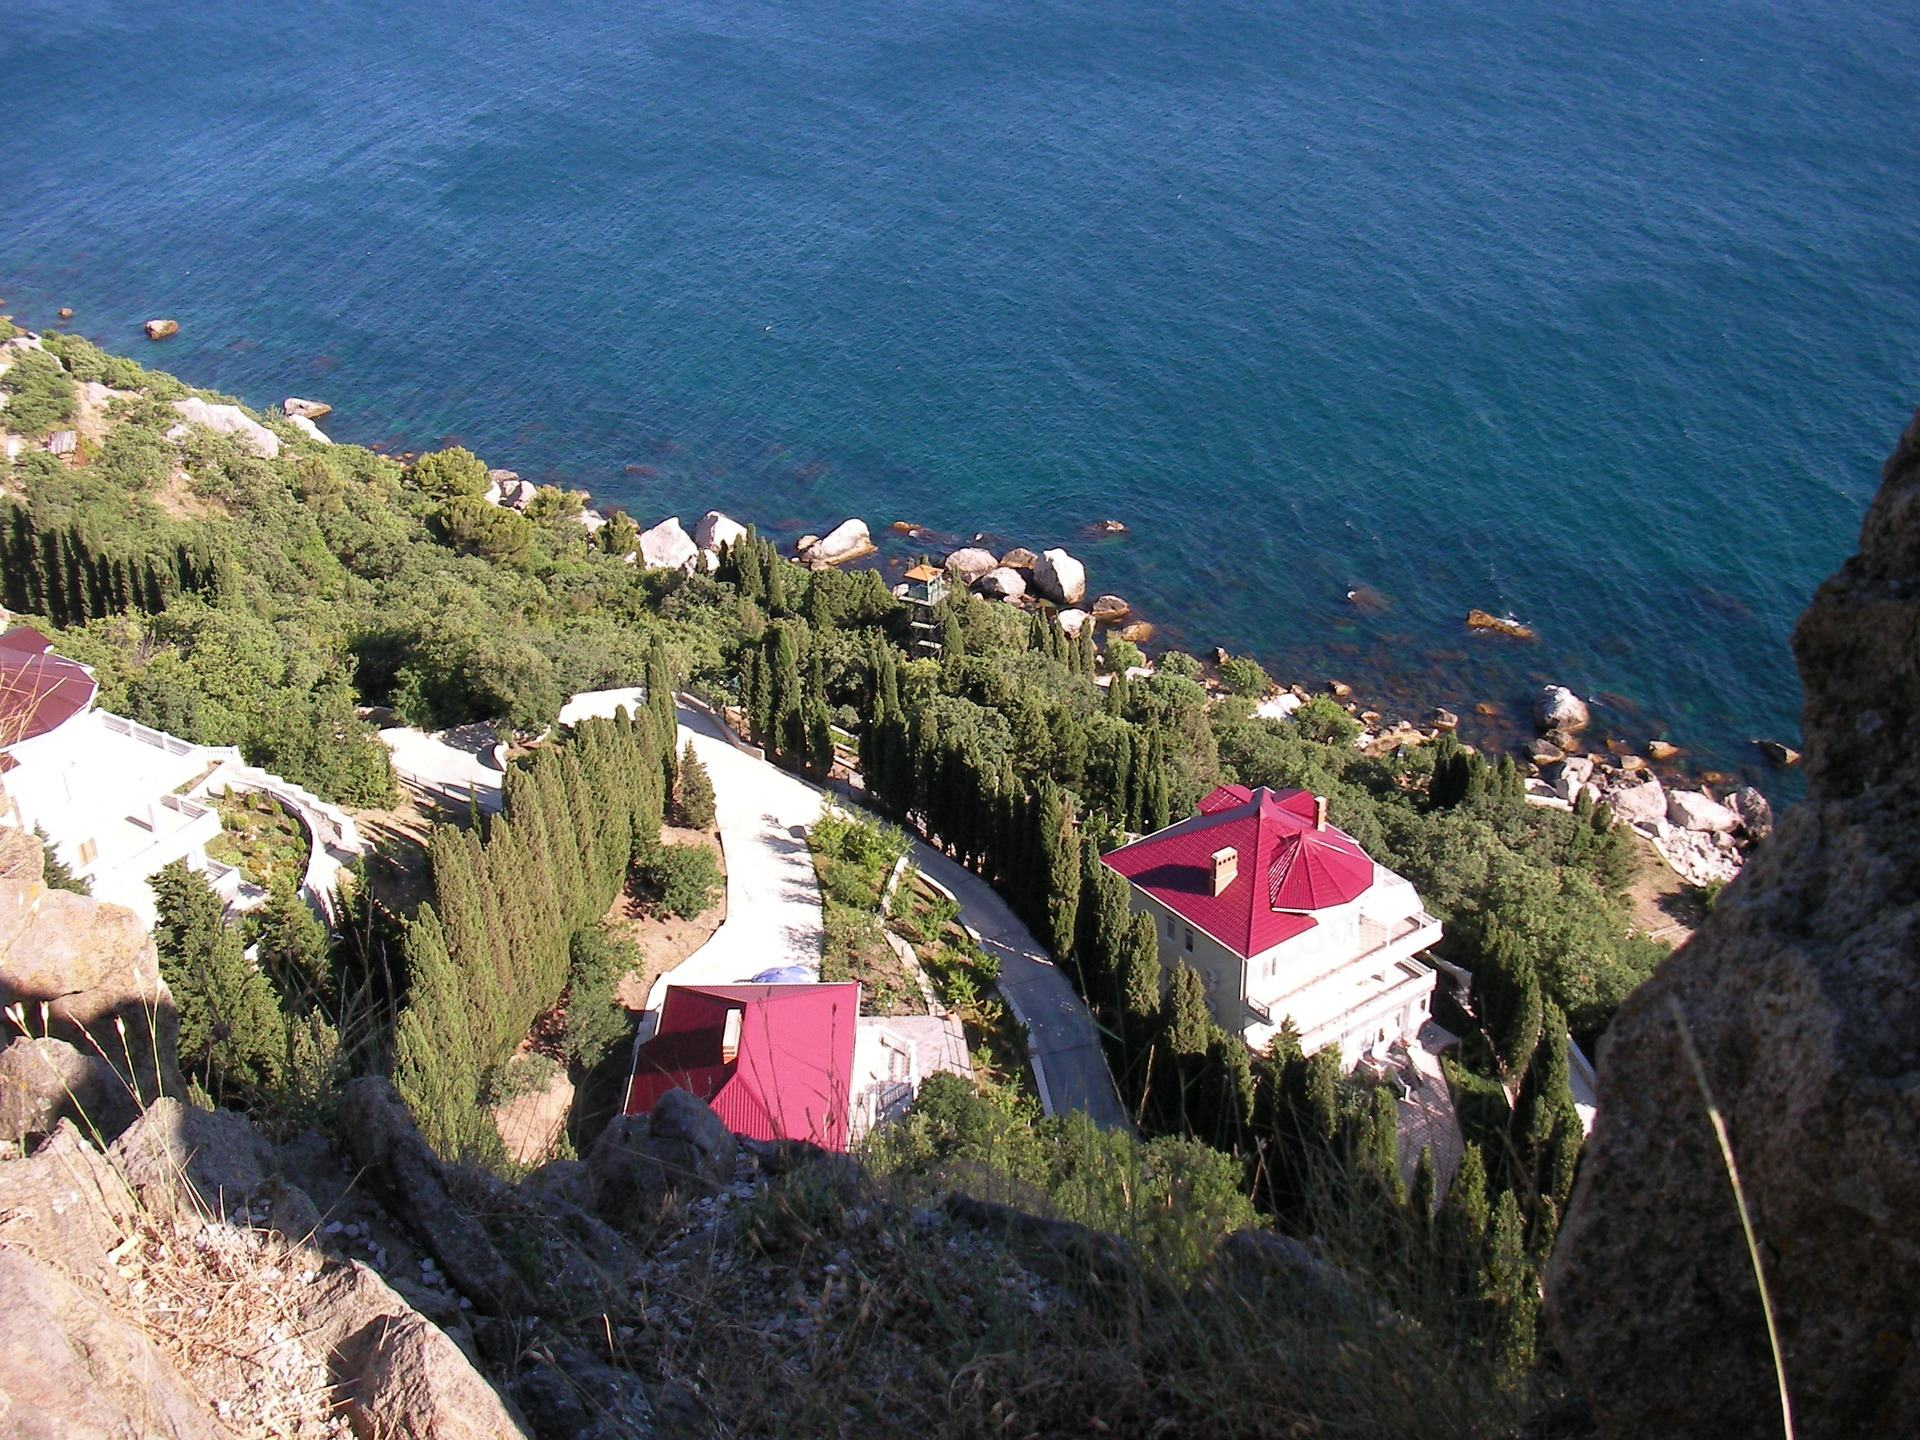 Villa in Crimea akaikin'i Castropol eo ambany vatolampy Iphigenia